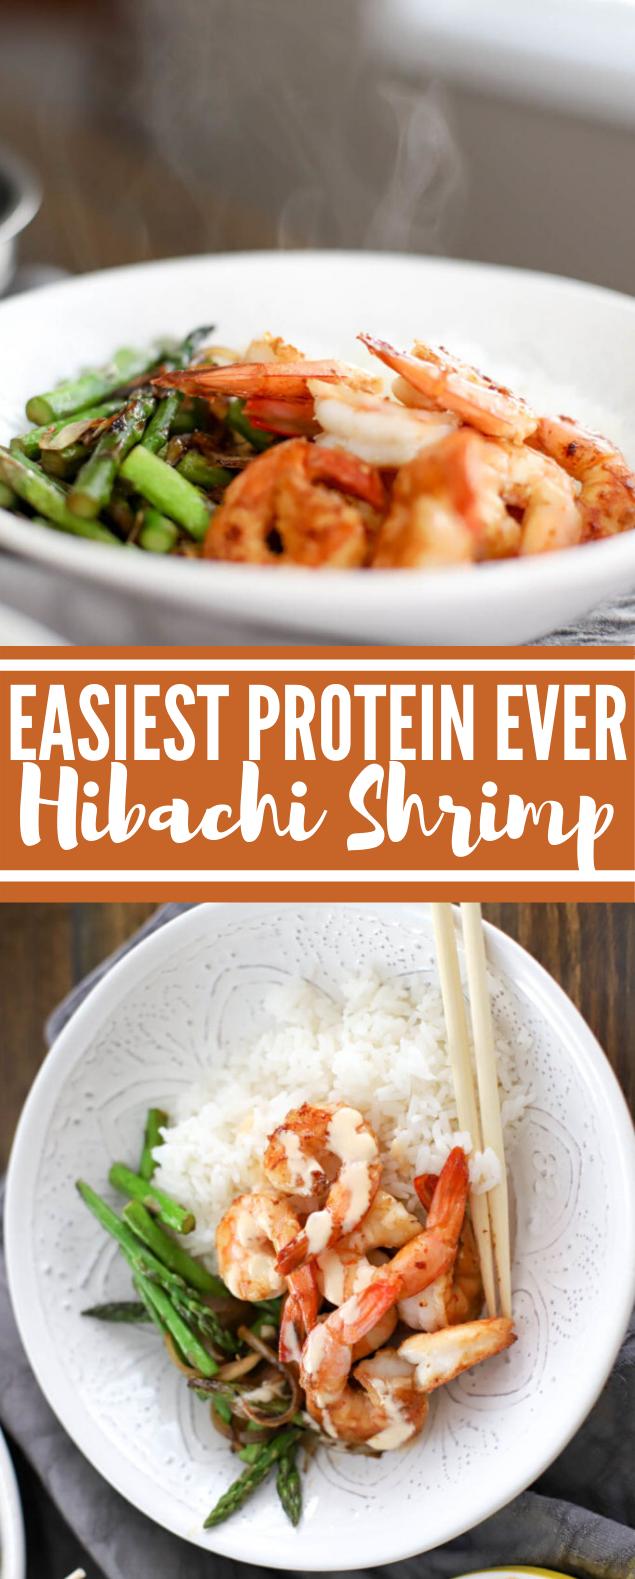 EASIEST PROTEIN EVER – HIBACHI SHRIMP #dinner #seafood #shrimp #healthy #comfortfood